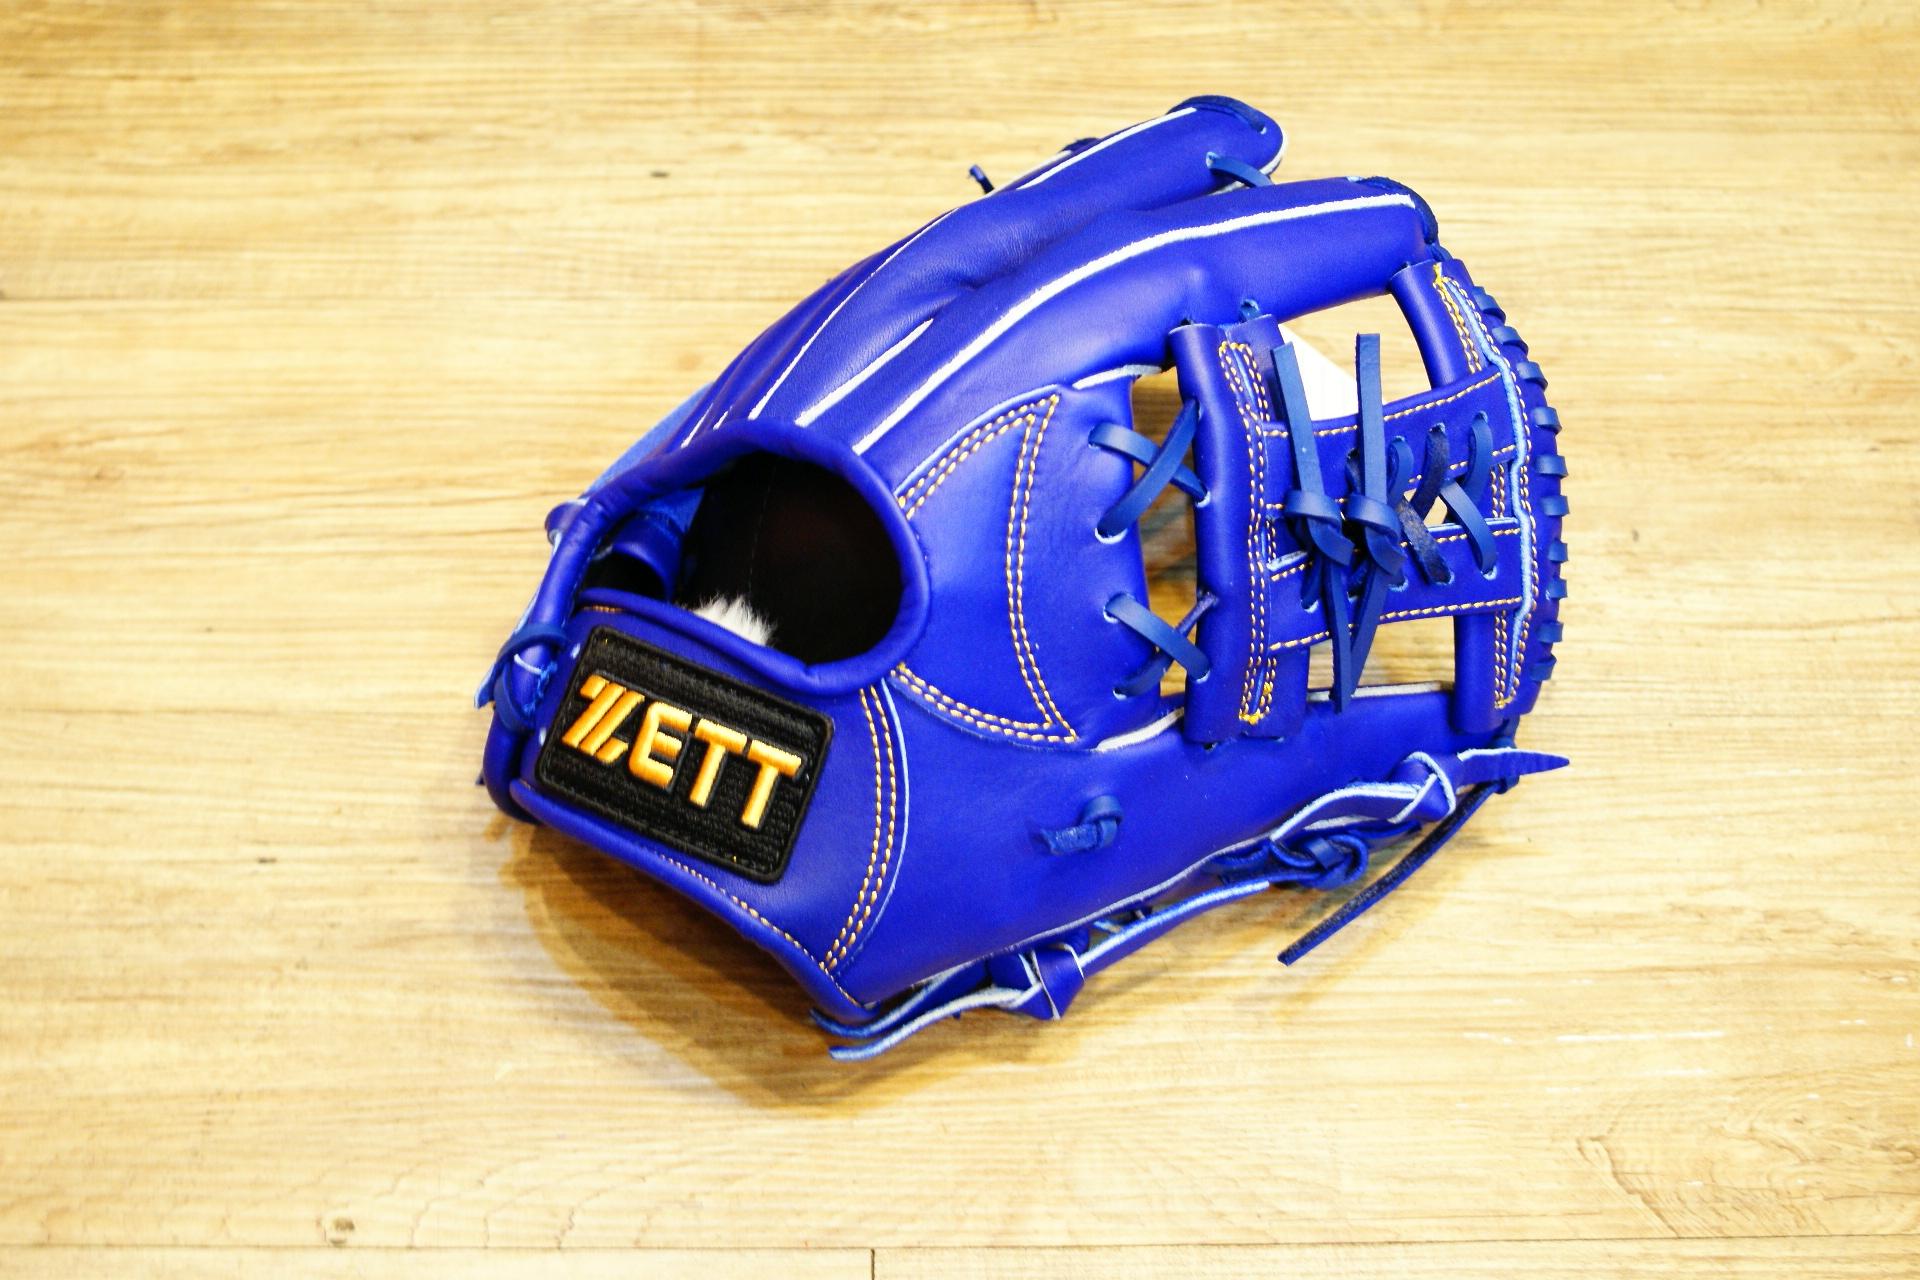 棒球世界 ZETT金標全牛皮棒球手套 特價 3504系列 內野藍色